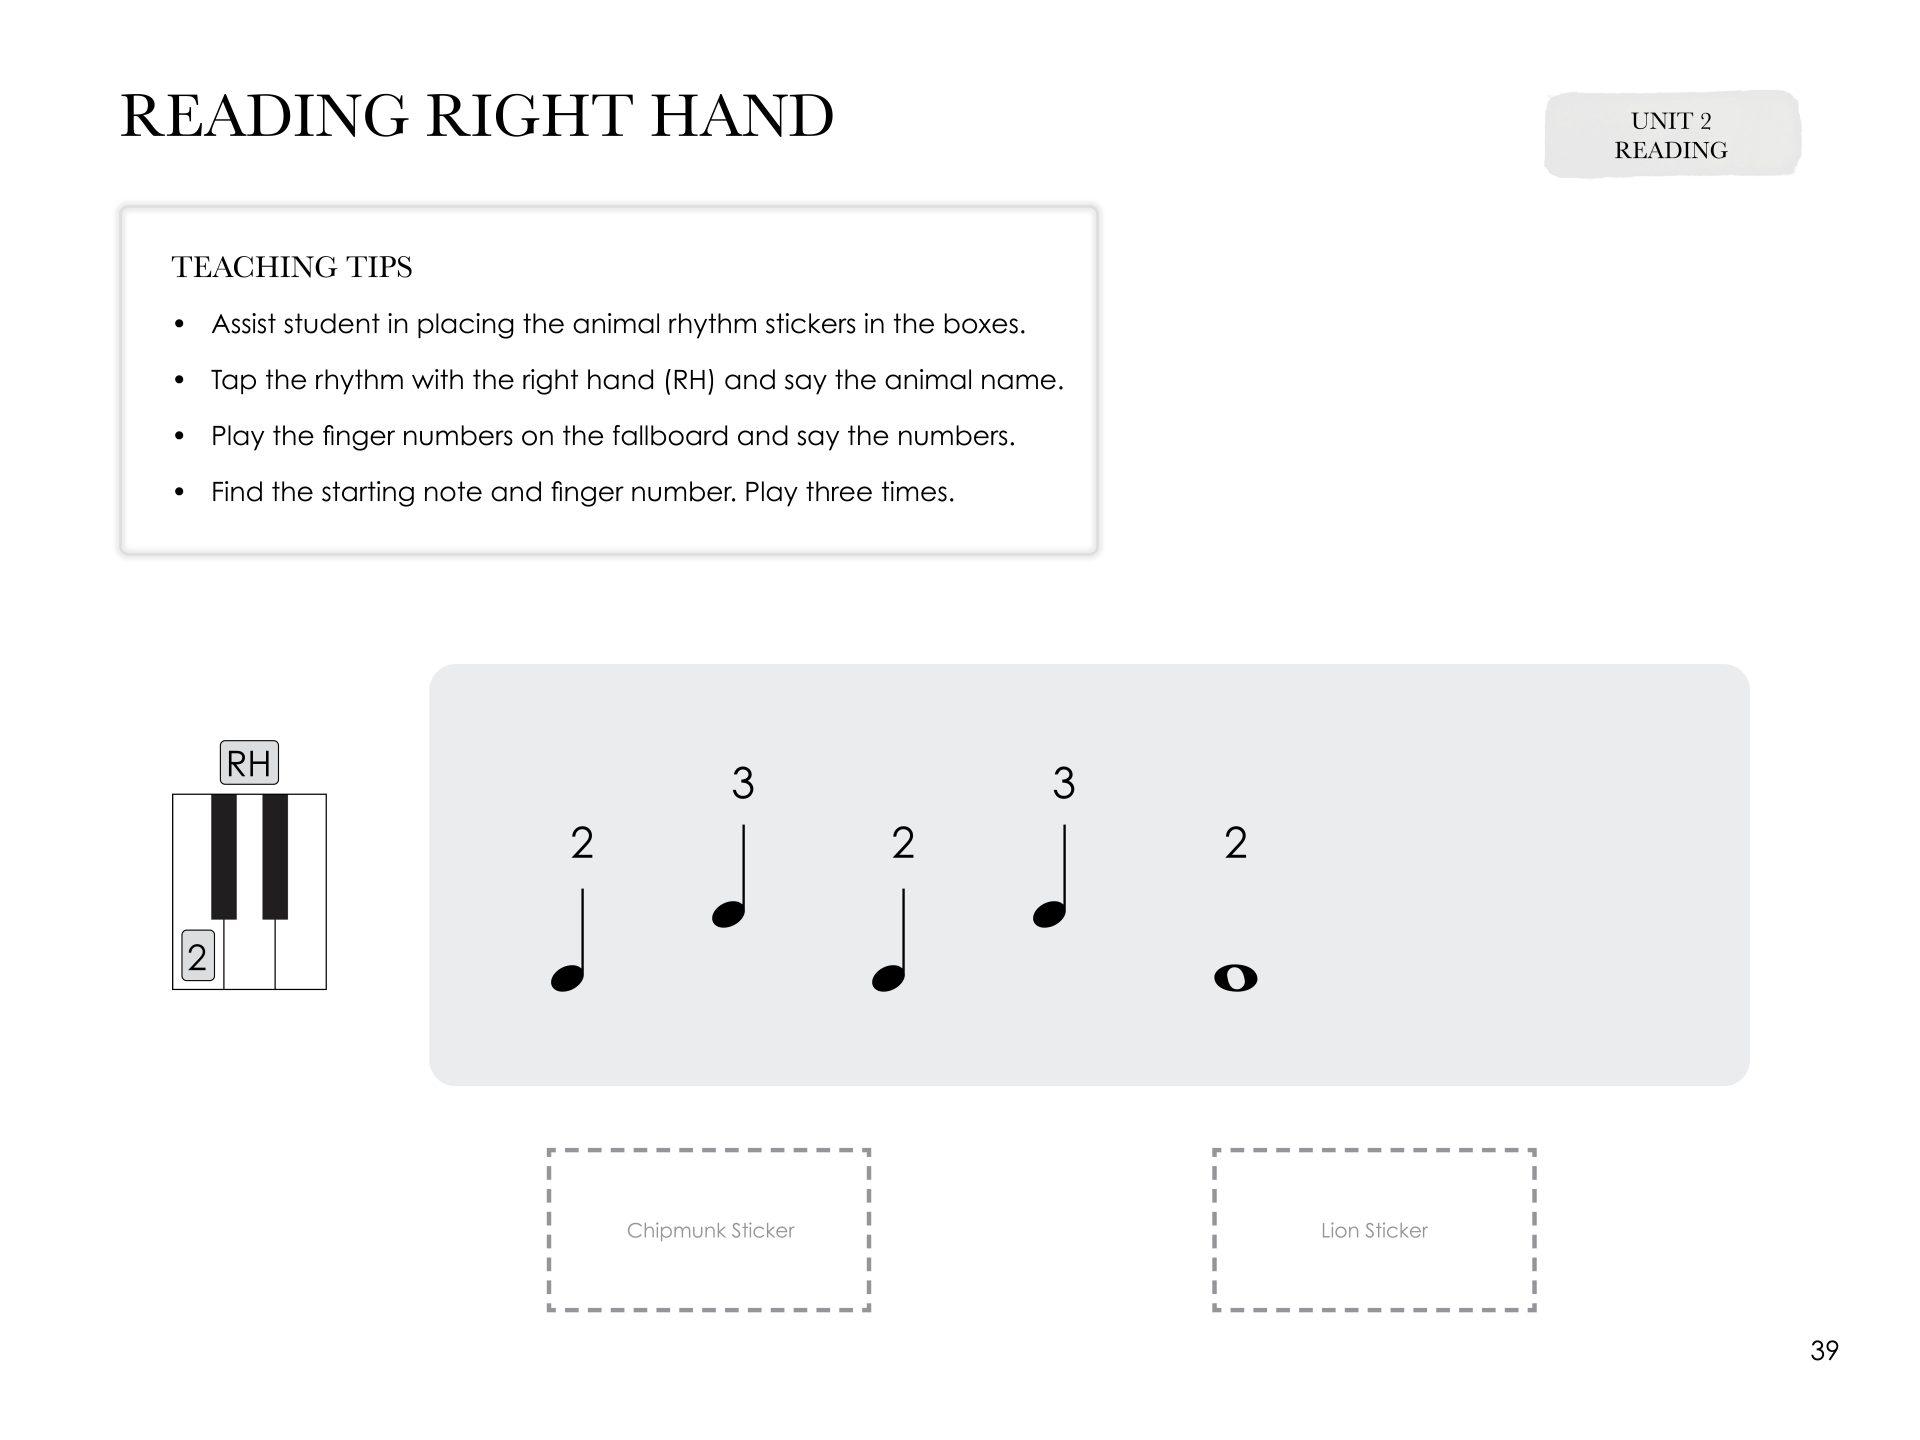 Esses cartões podem ser usados   para complementar qualquer método de leitura padrão.